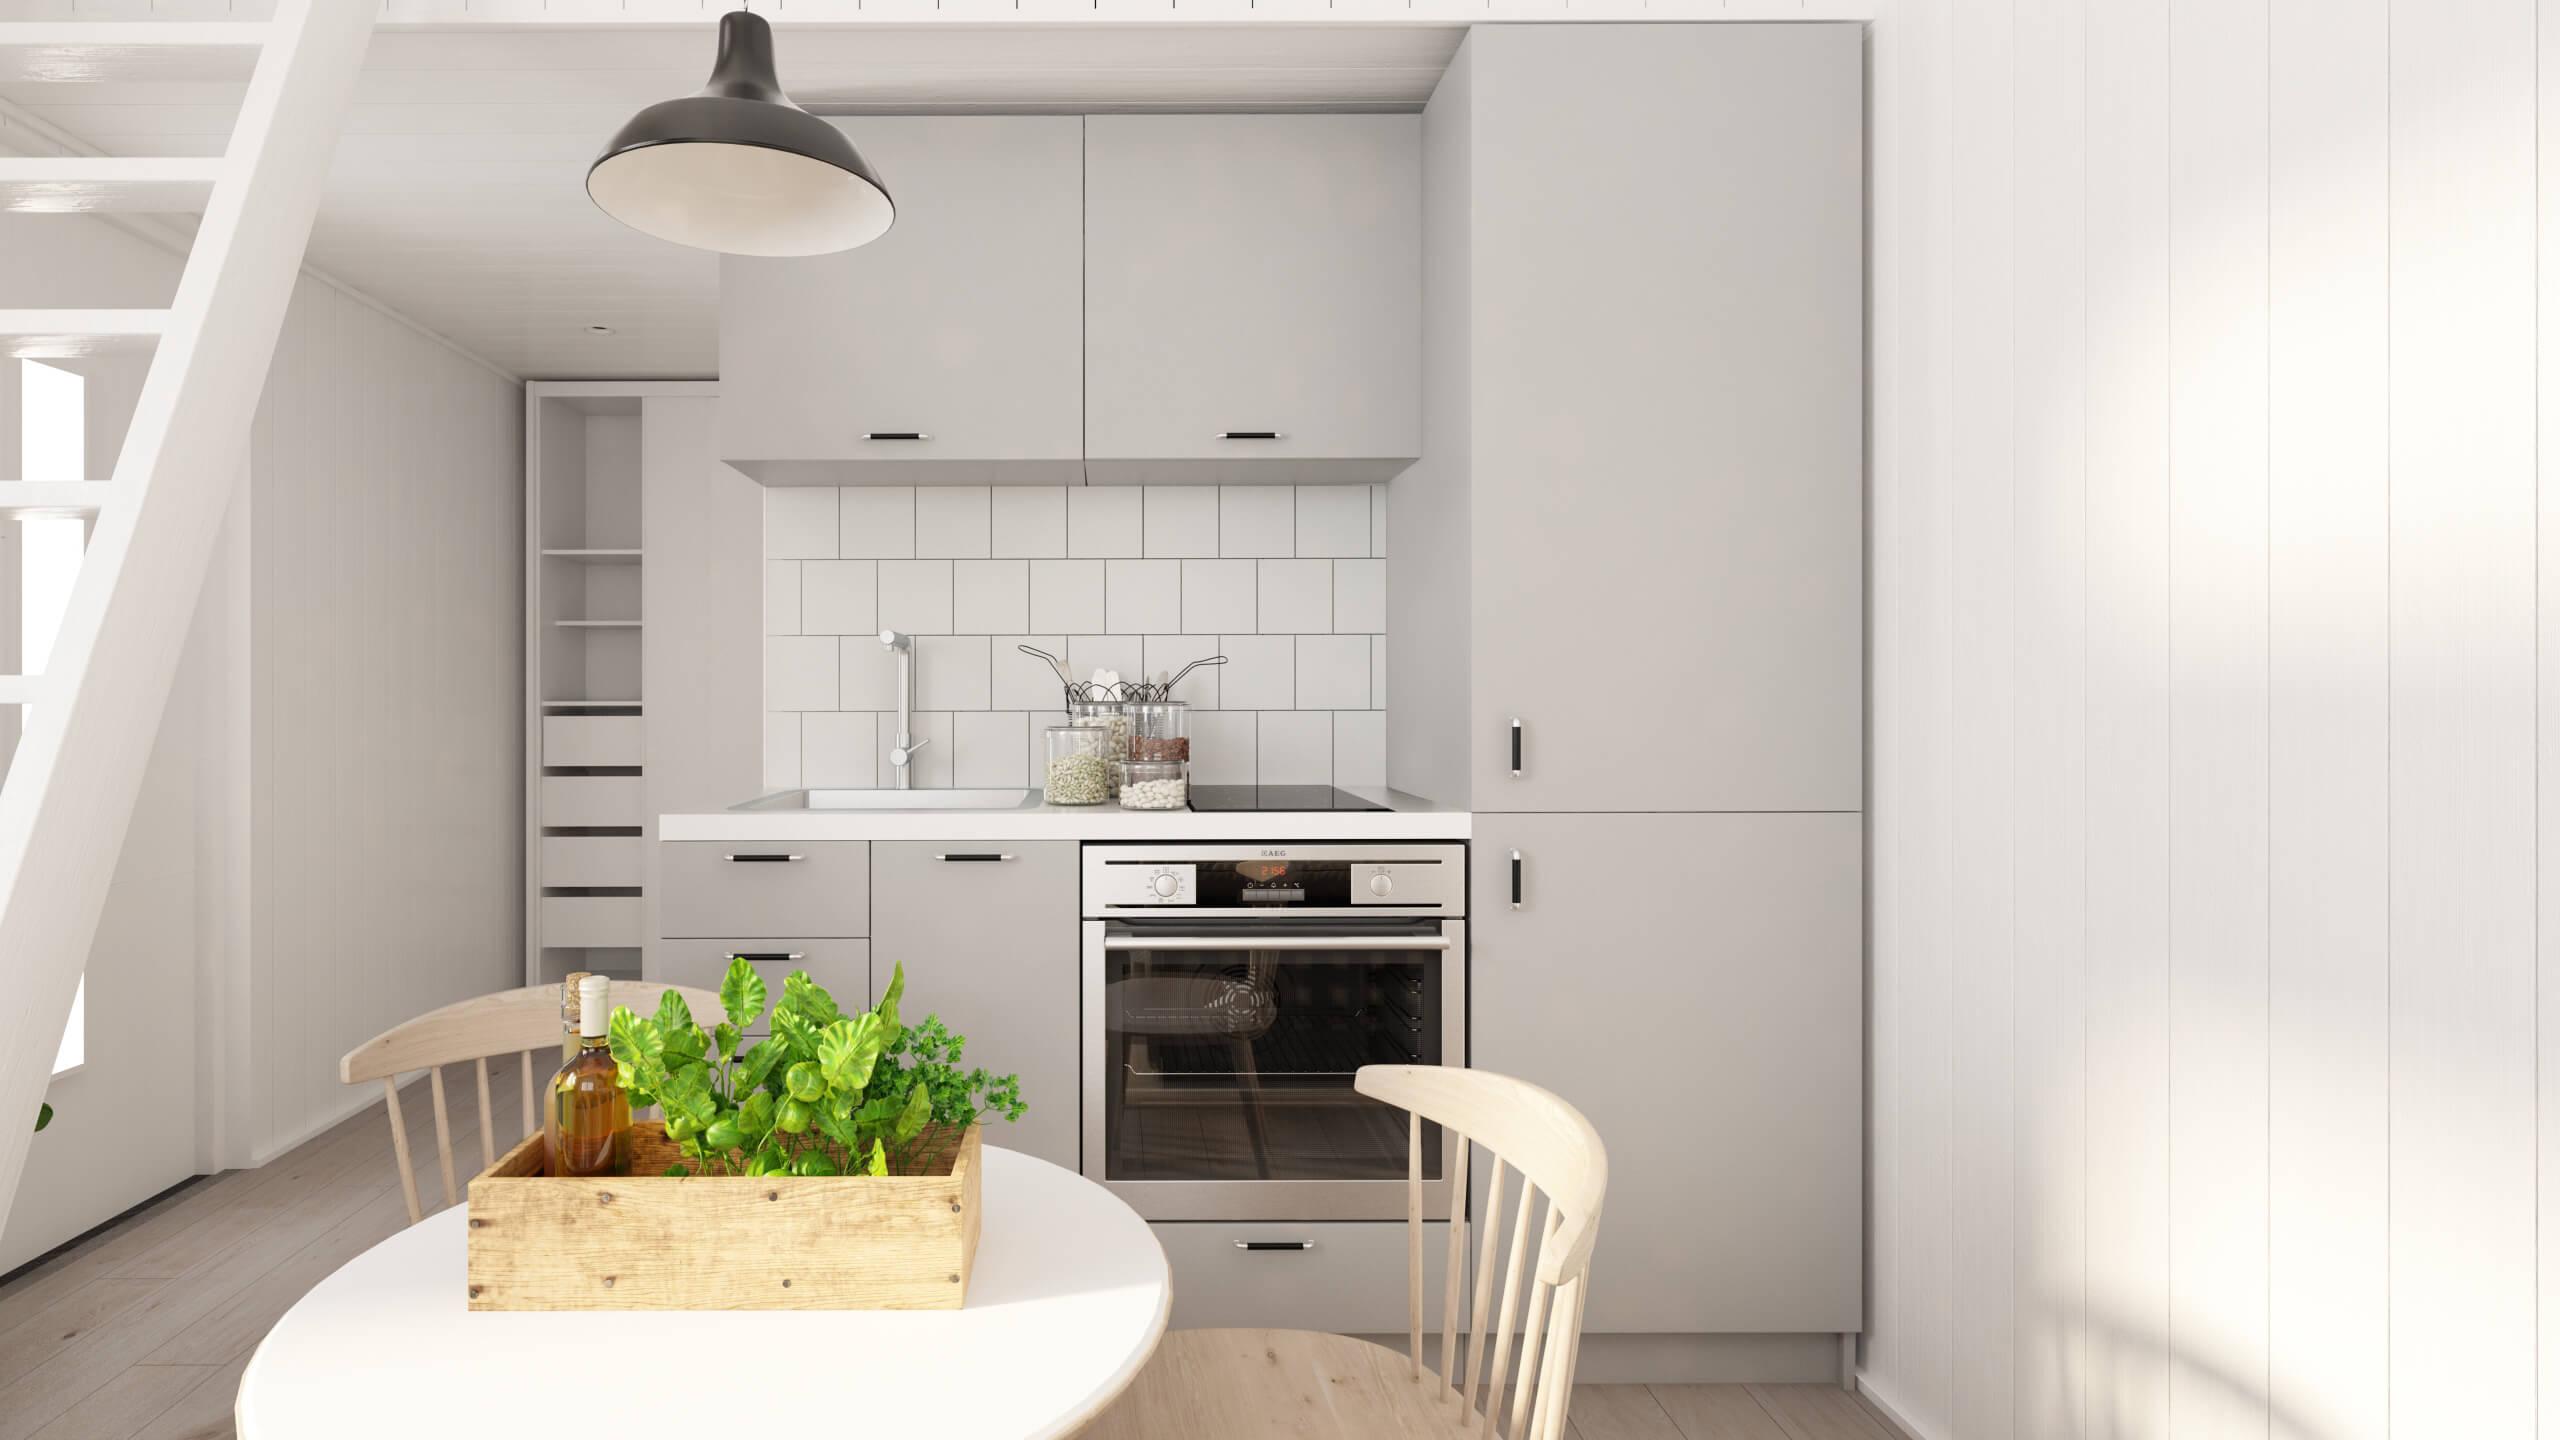 Kök med gråa luckor i Attefallshus Pulpet 25.2